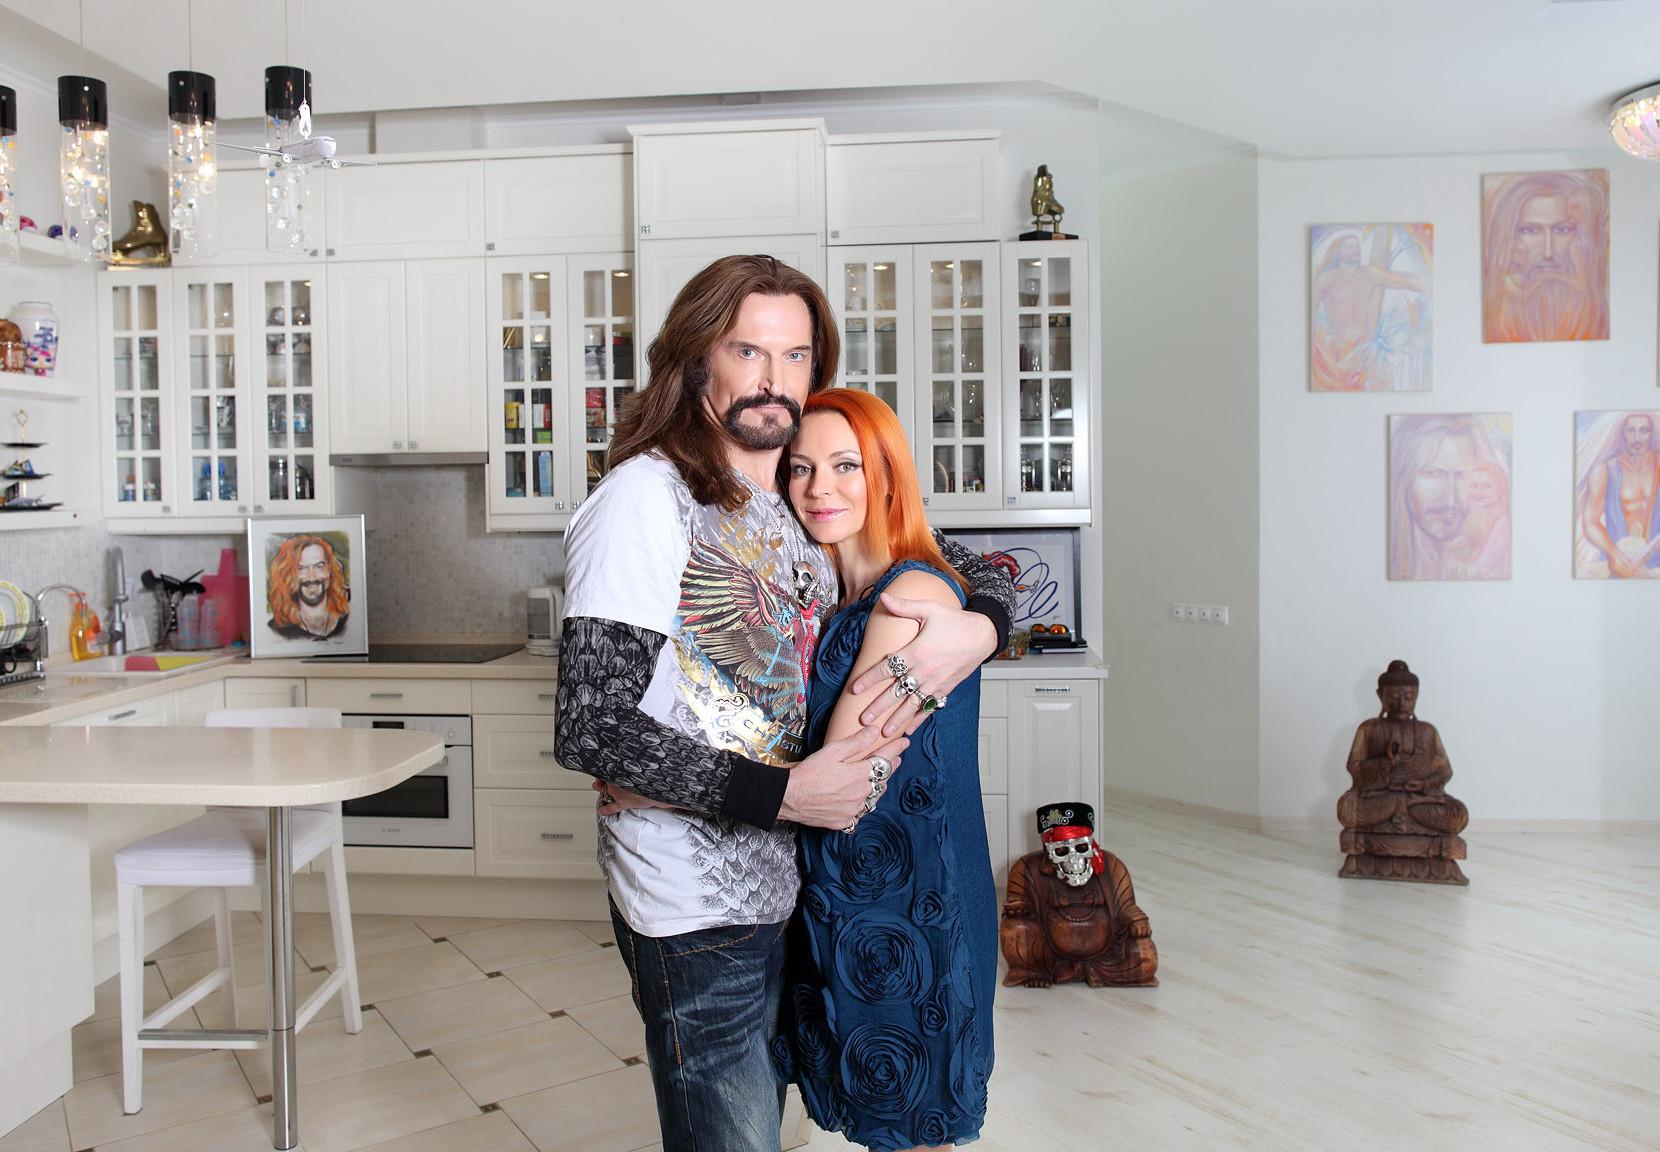 Марина Анисина и Никита Джигурда против Андрея Малахова и «Пусть говорят»